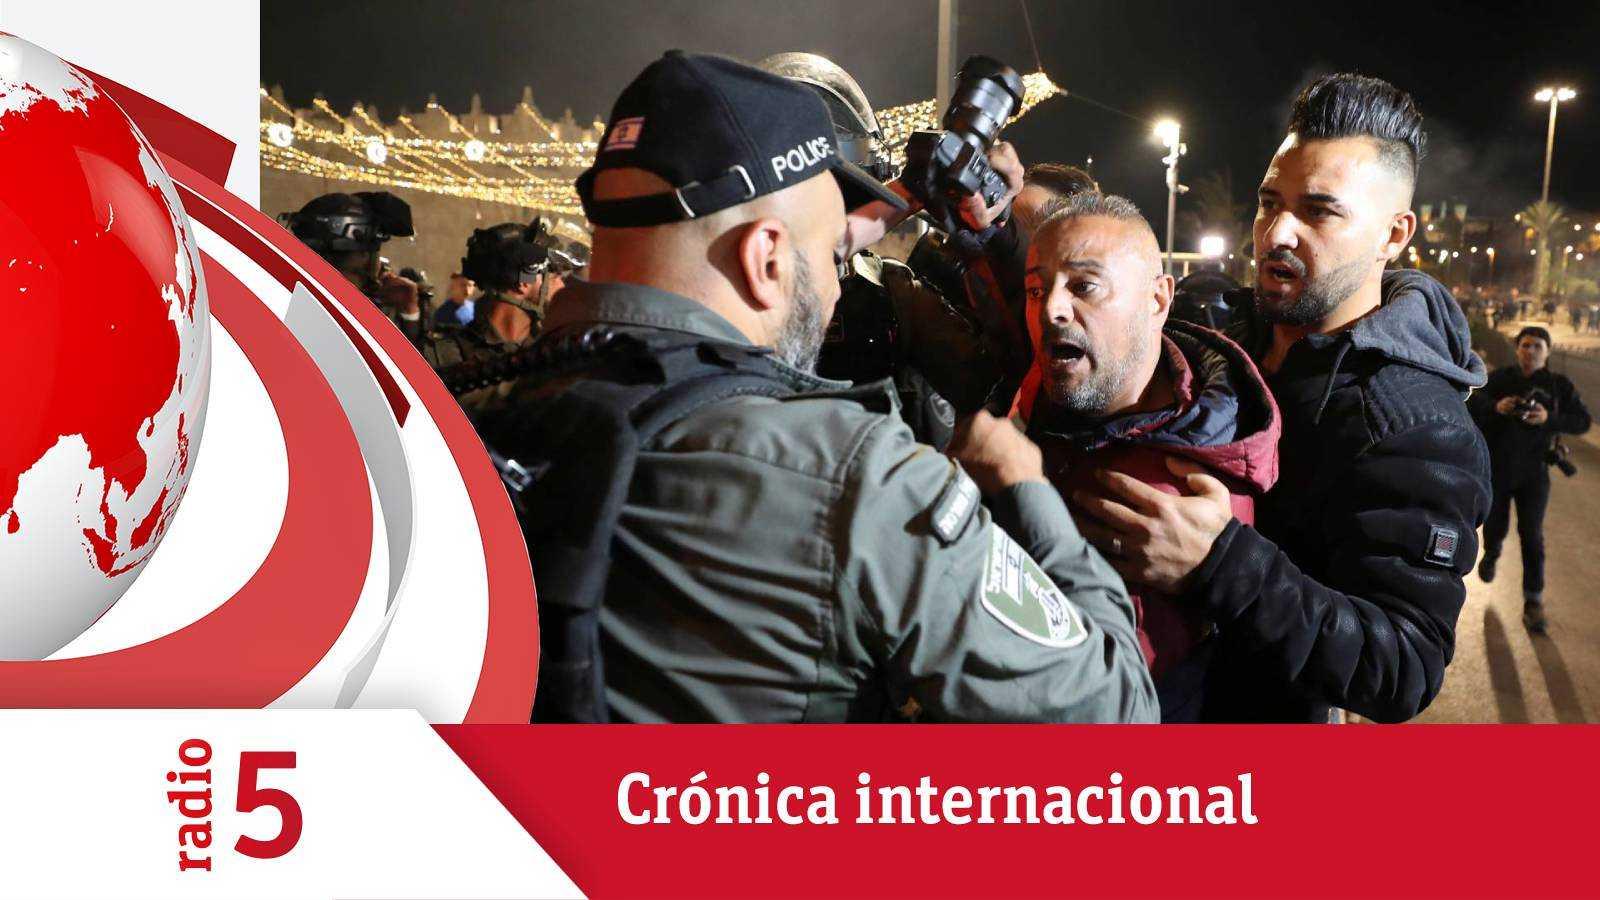 Crónica internacional - Disturbios en Jerusalén - Escuchar ahora